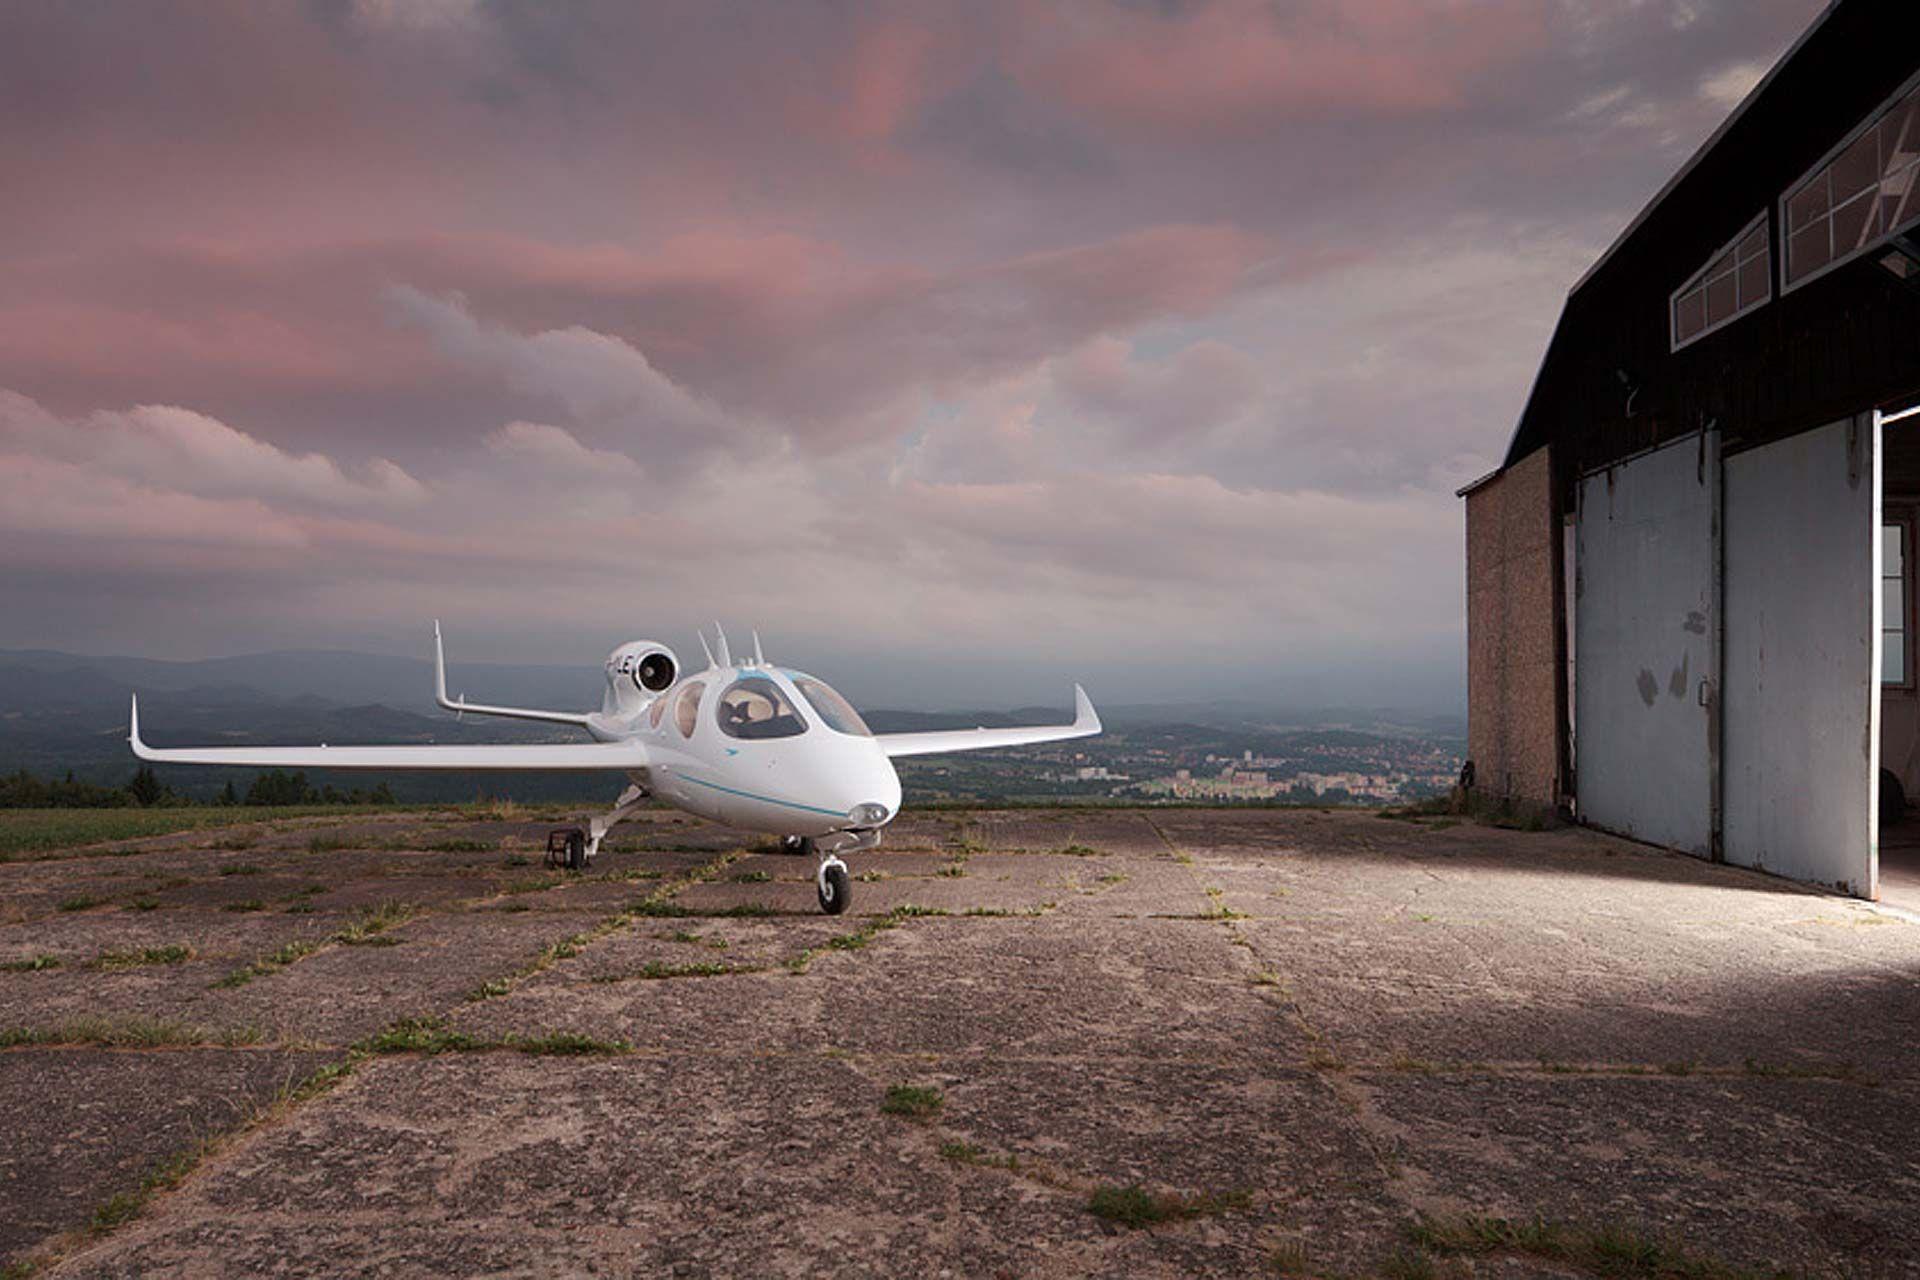 Flaris LAR 1 Personal Jet | Shelter | Personal jet, Jet